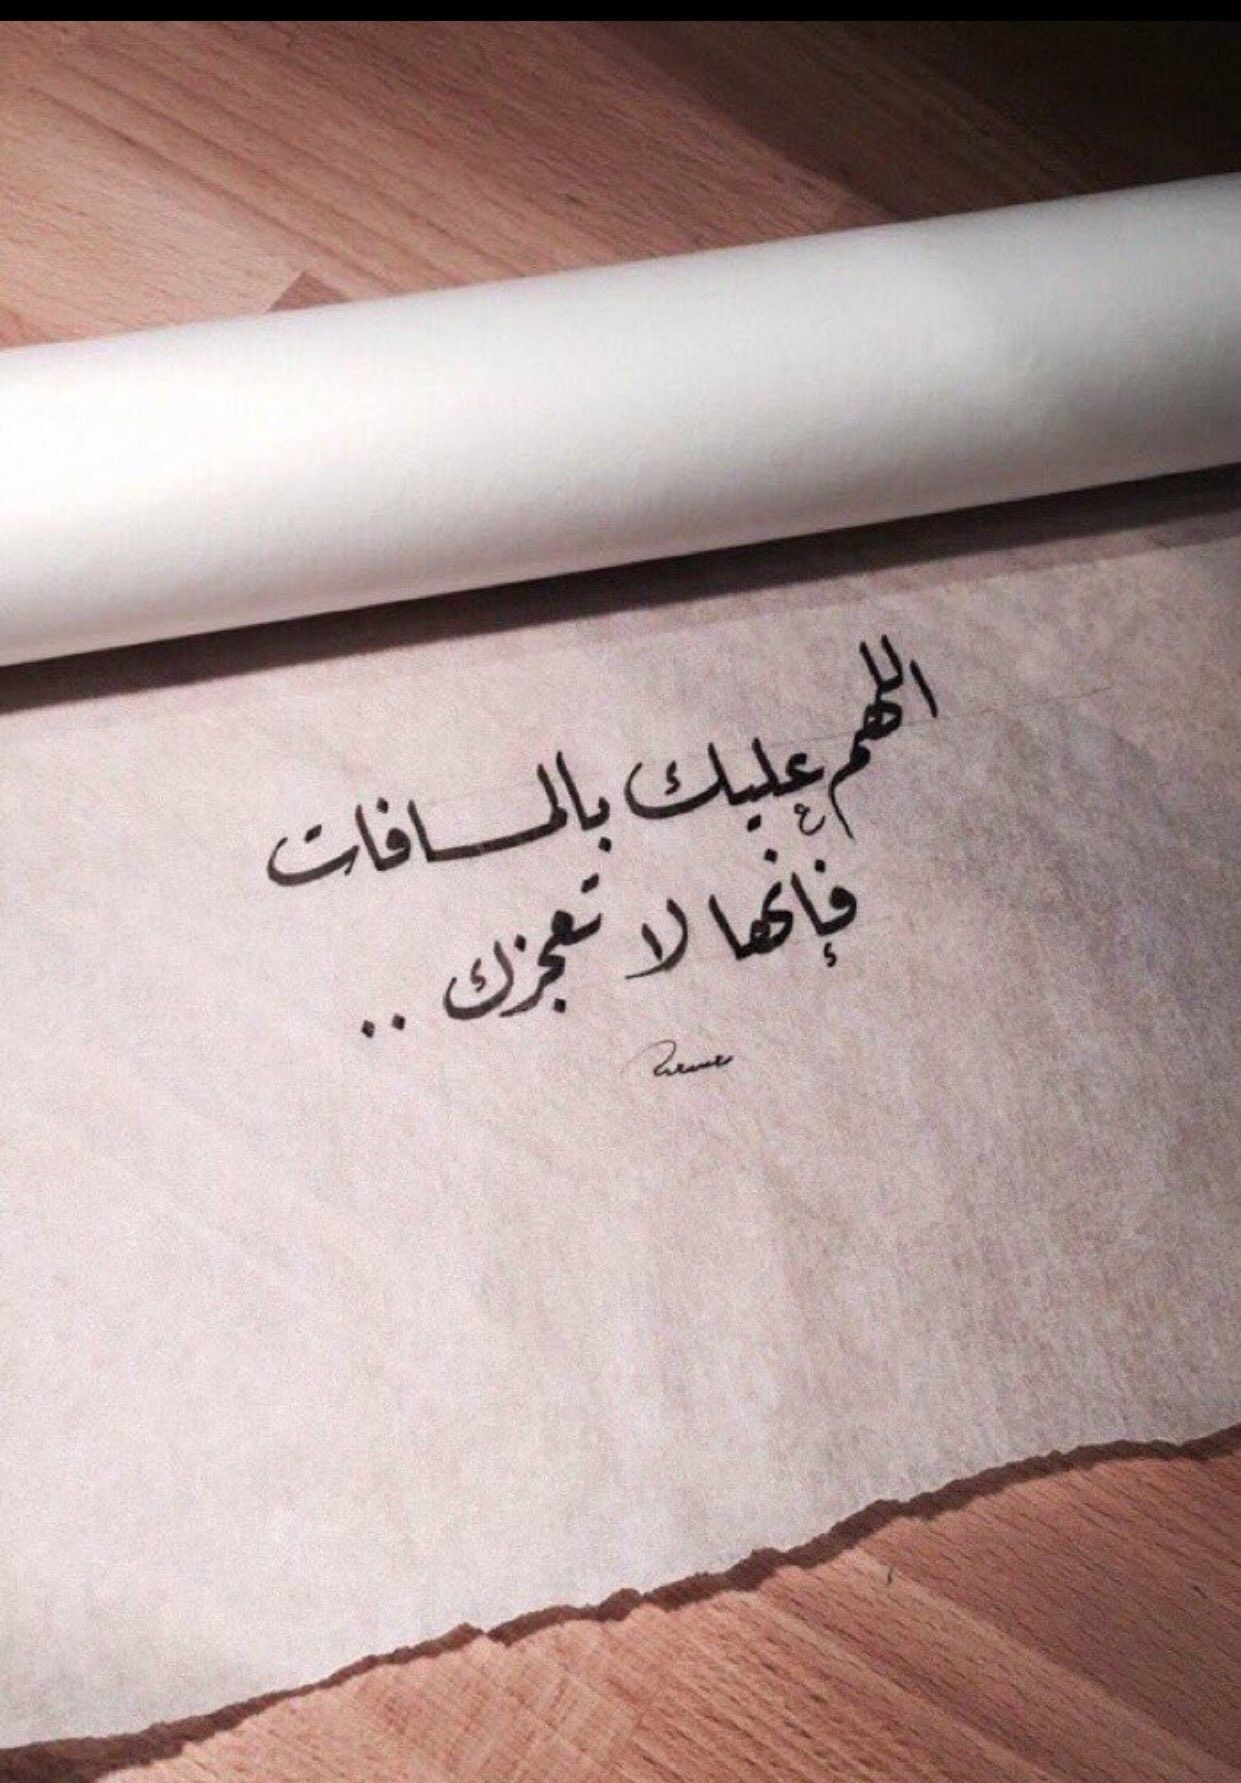 بالصور رسائل شوق وعتاب , رسايل حب للفيس بوك 2450 7